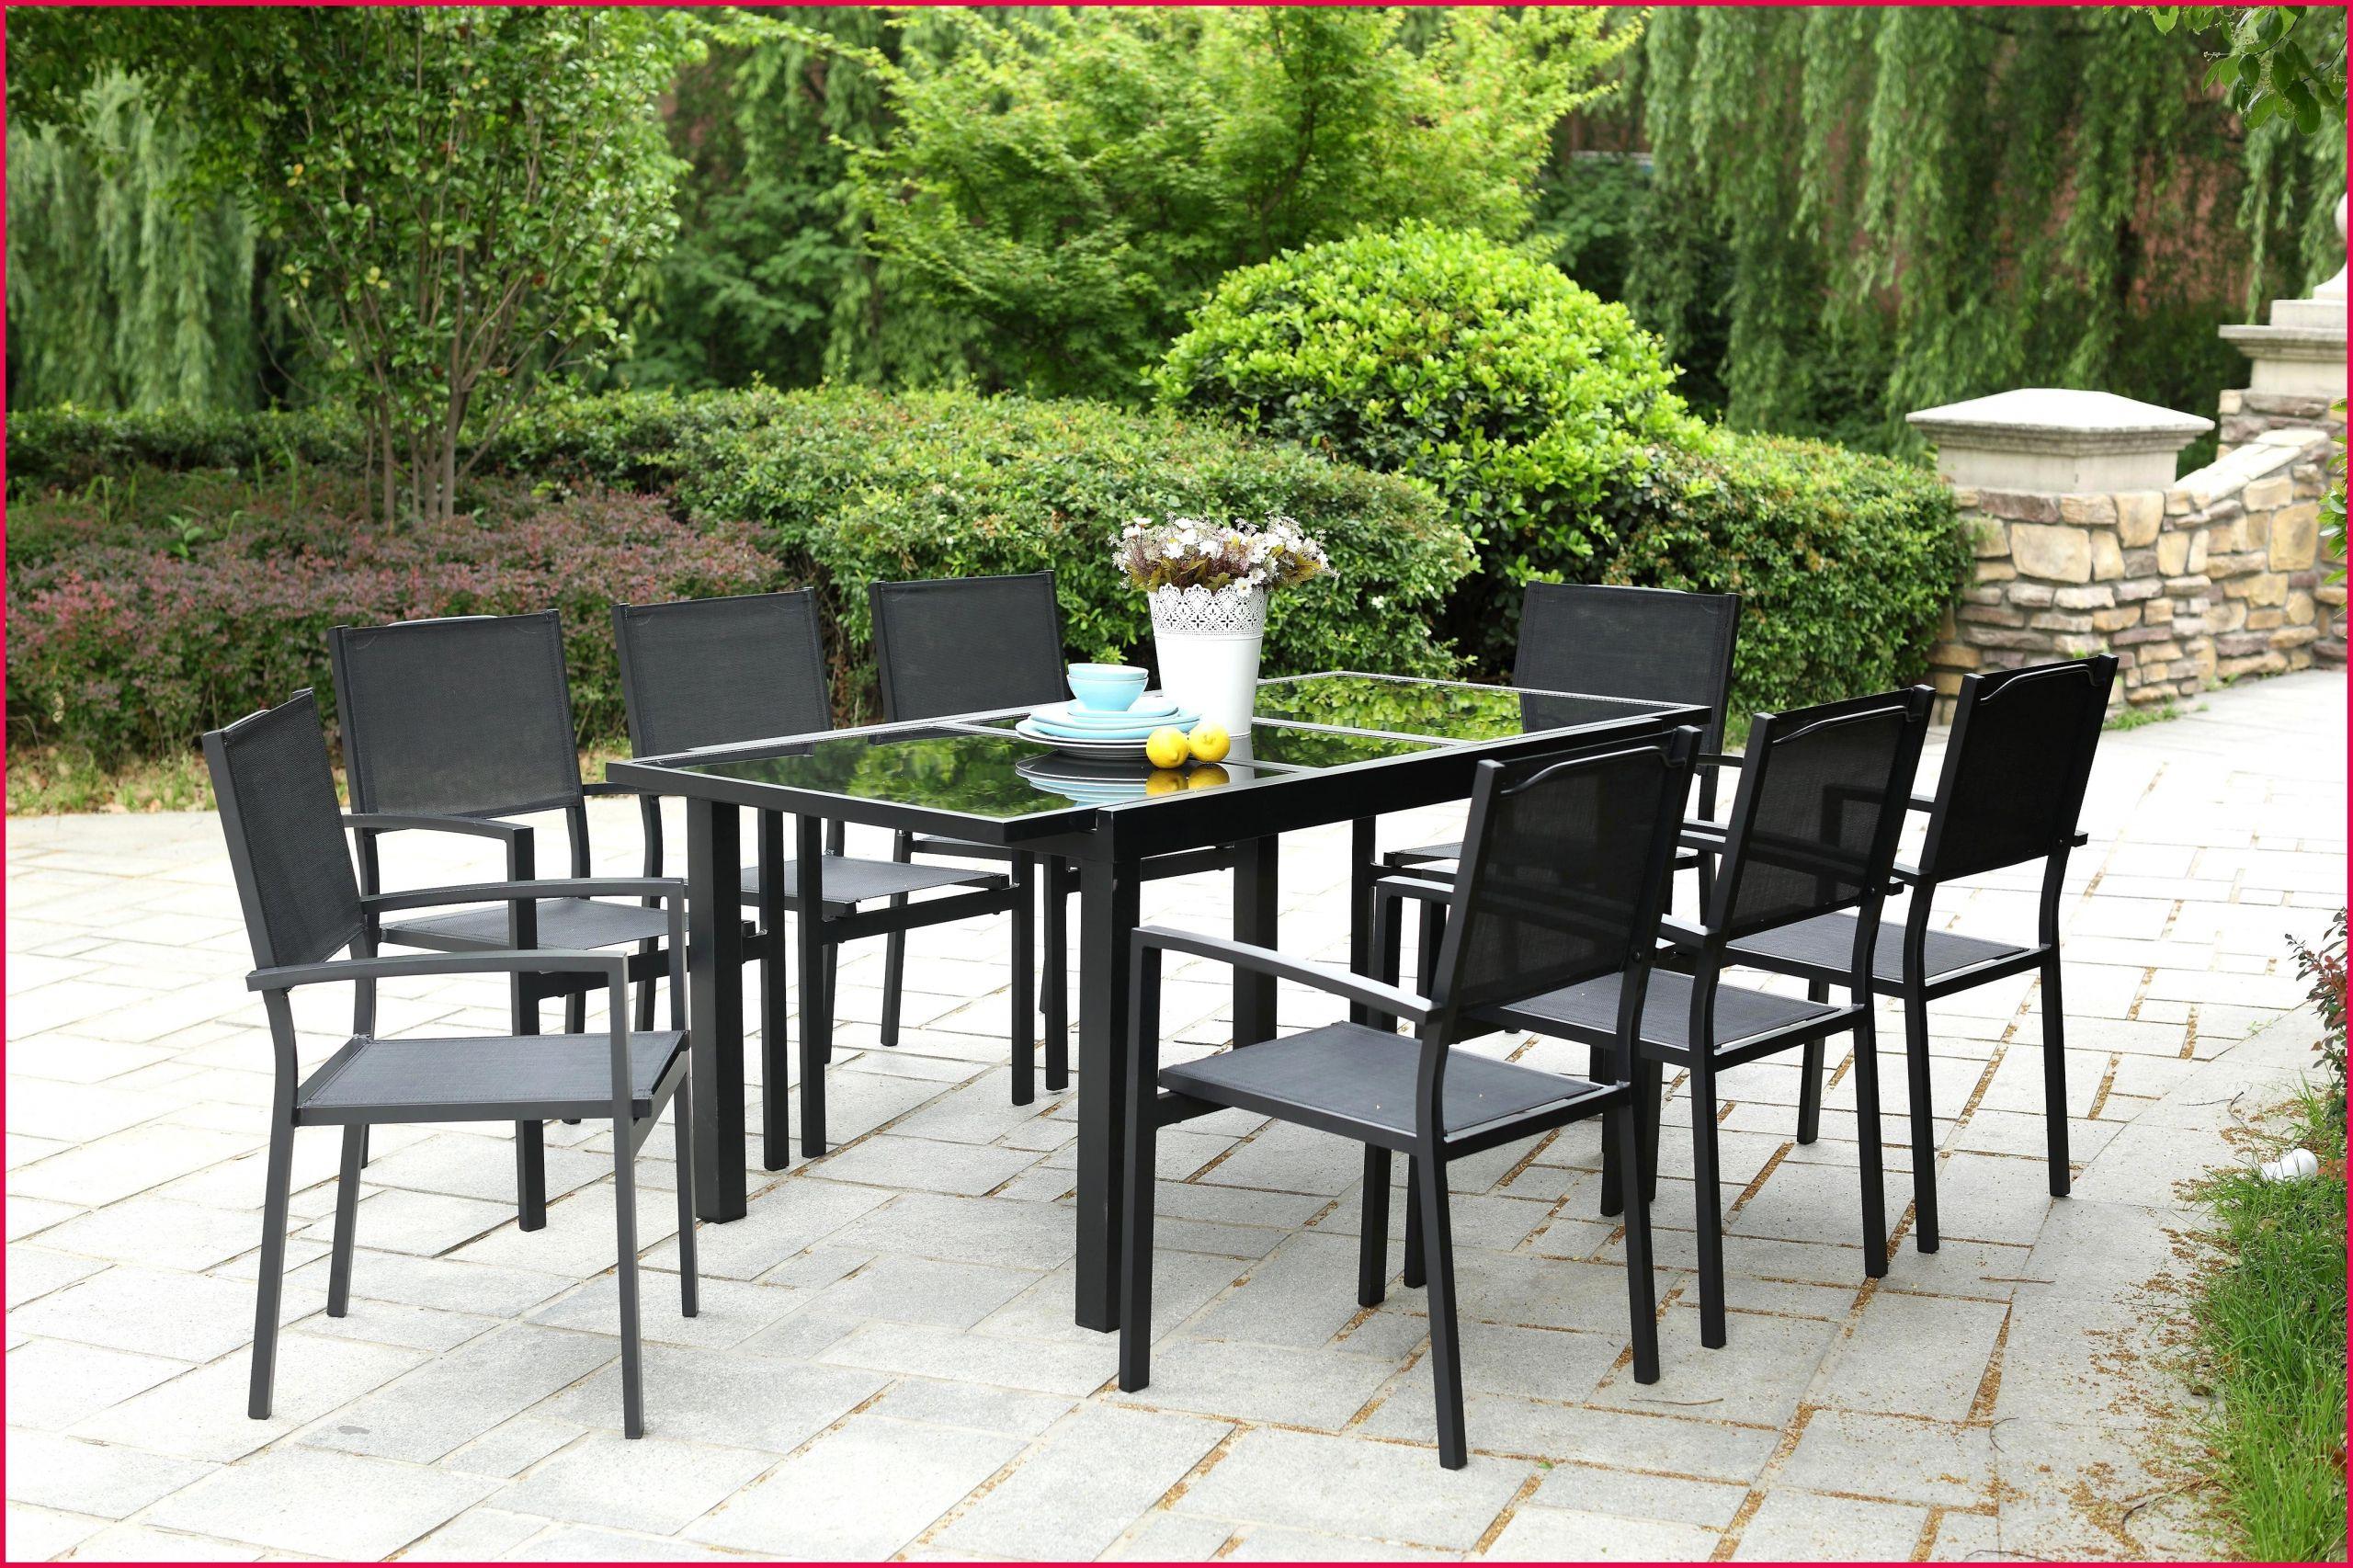 27 Élégant Le Bon Coin 16 Jardinage | Salon Jardin destiné Le Bon Coin Table De Jardin